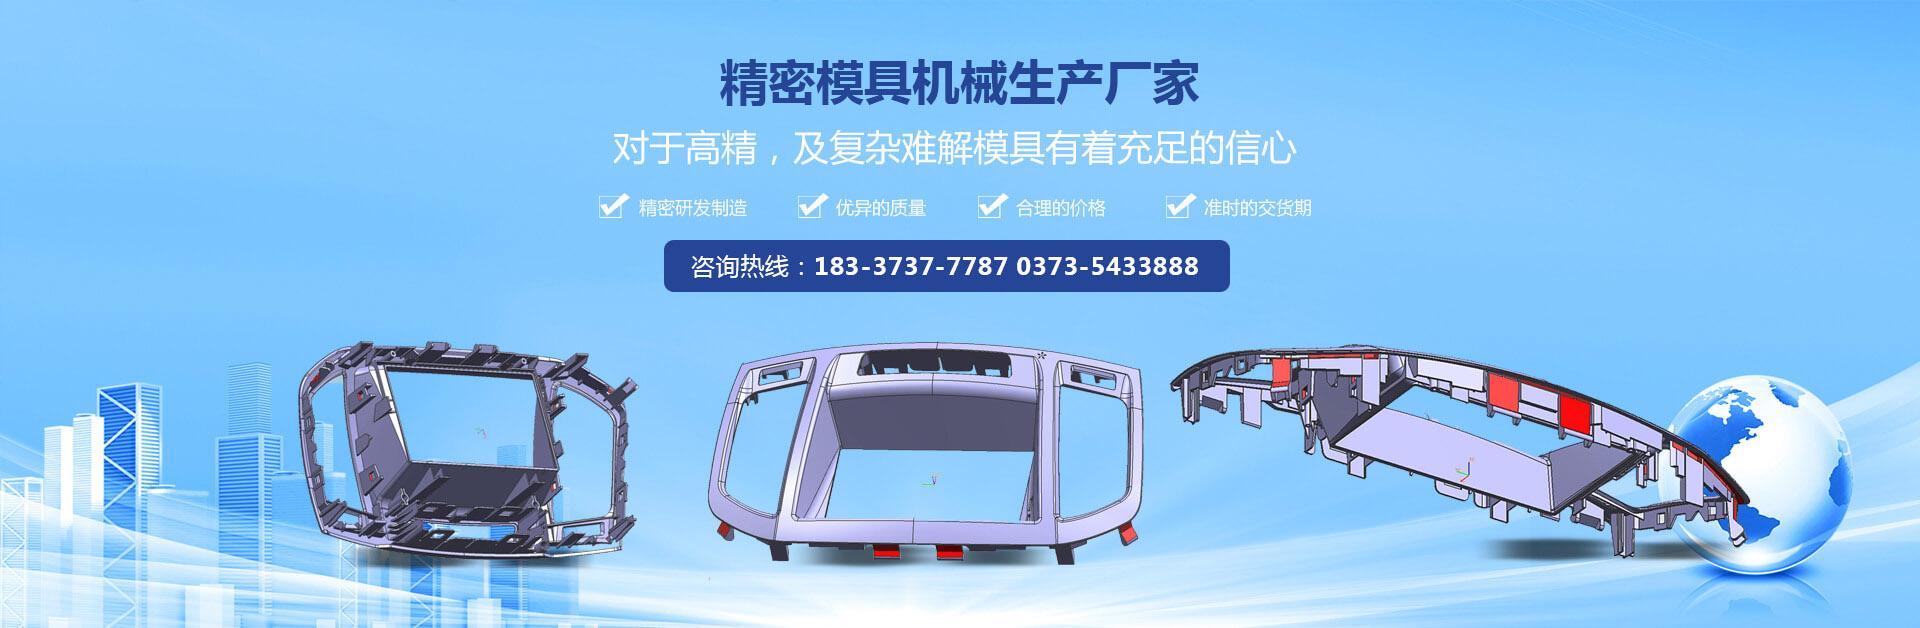 河南省永丰模具有限公司